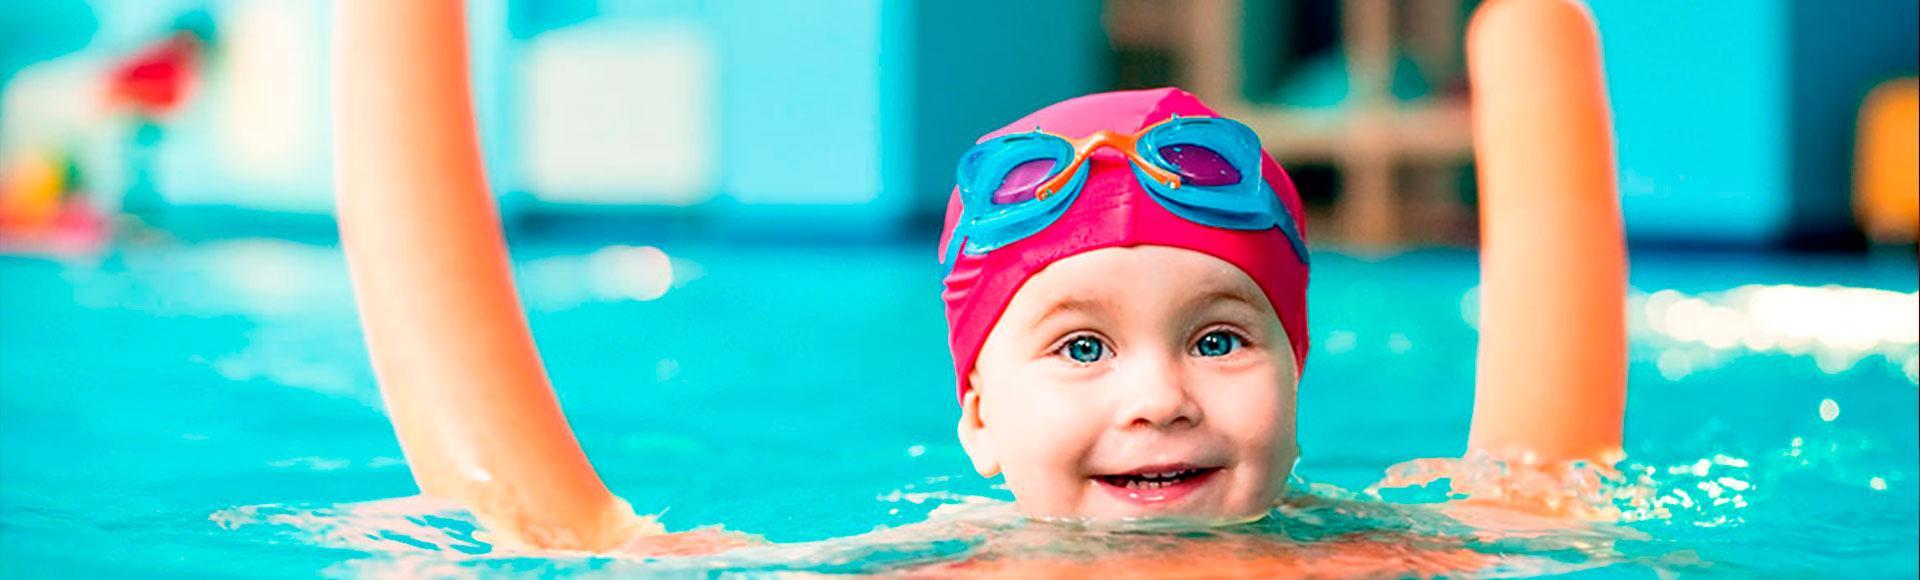 Aprende a nadar jugando